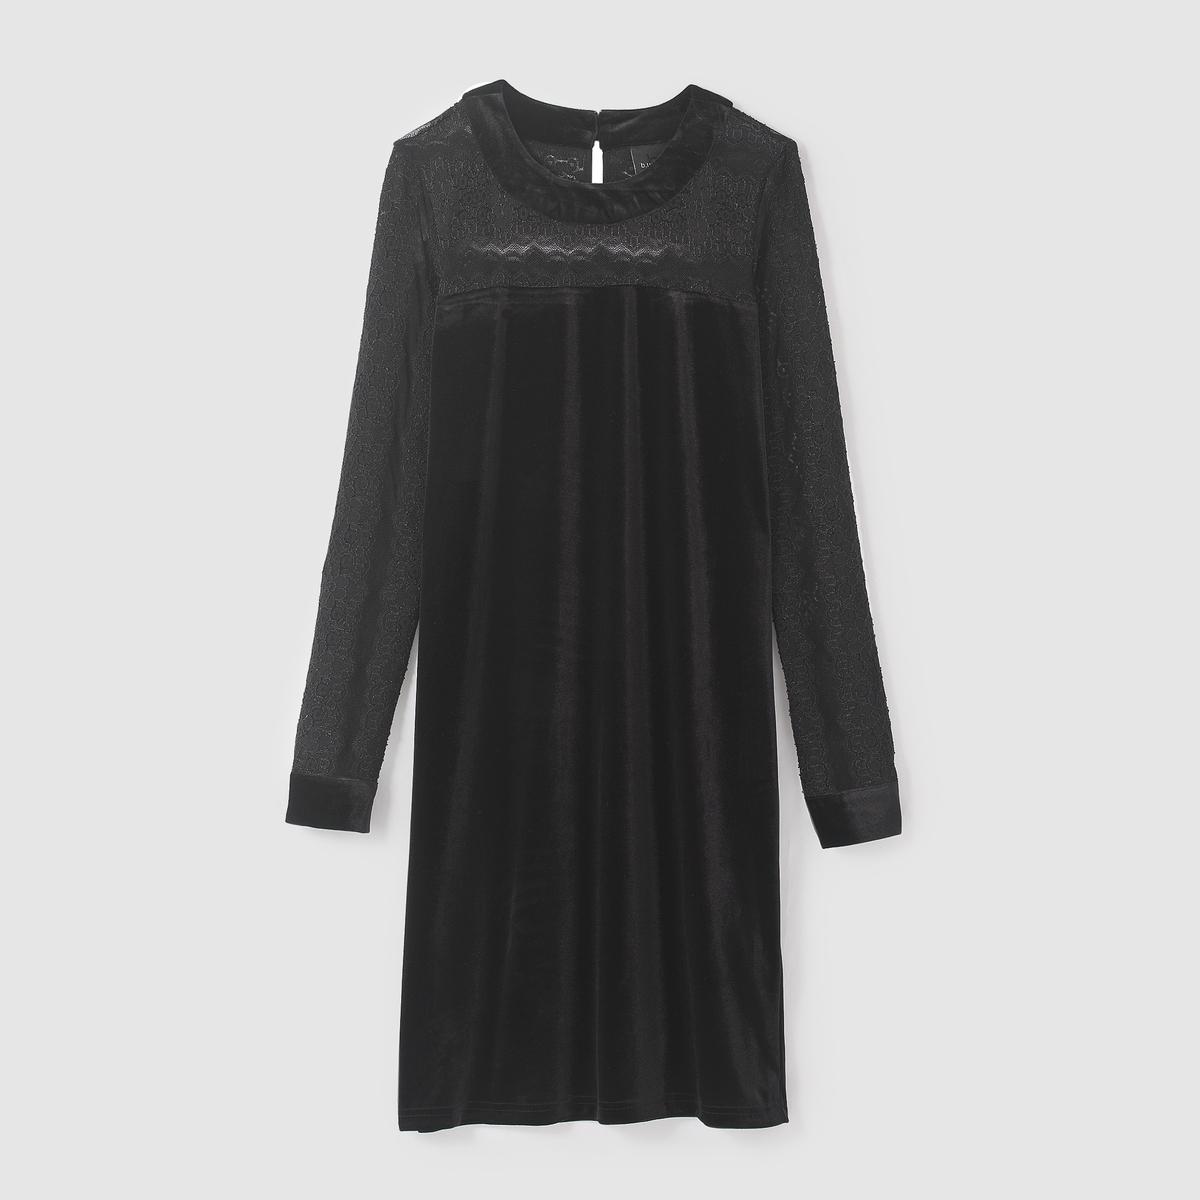 Платье однотонное короткое, длинные рукаваДетали   •  Форма :прямое  •  короткое  •  Длинные рукава    •  Круглый вырезСостав и уход • 27% хлопка, 4% эластана, 69% полиэстера  •  Следуйте советам по уходу, указанным на этикетке<br><br>Цвет: черный